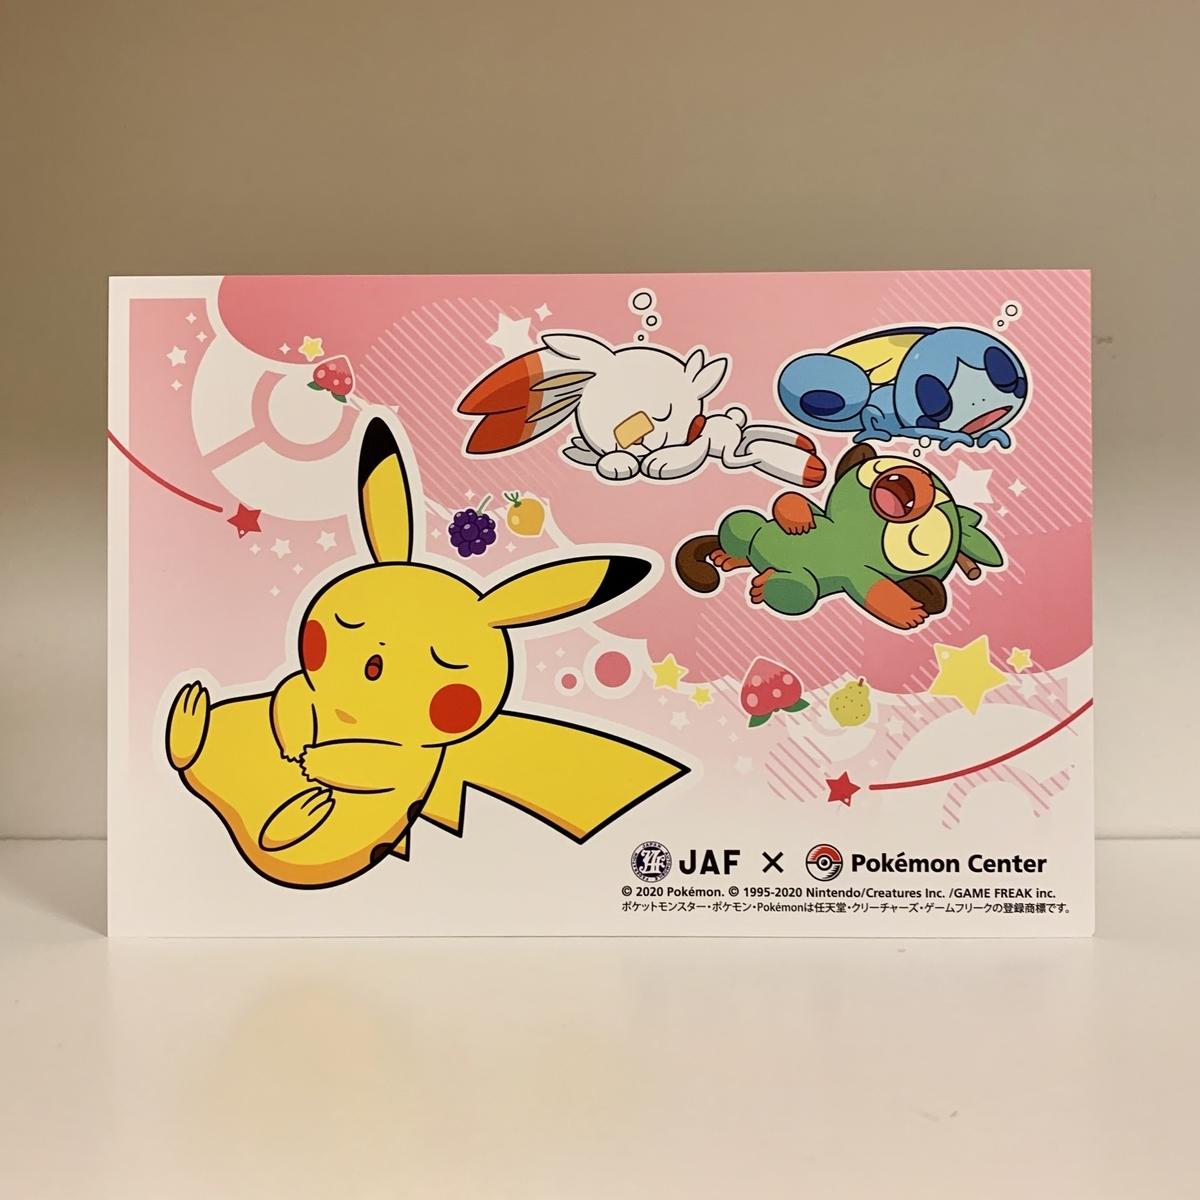 f:id:pikachu_pcn:20200121213048j:plain